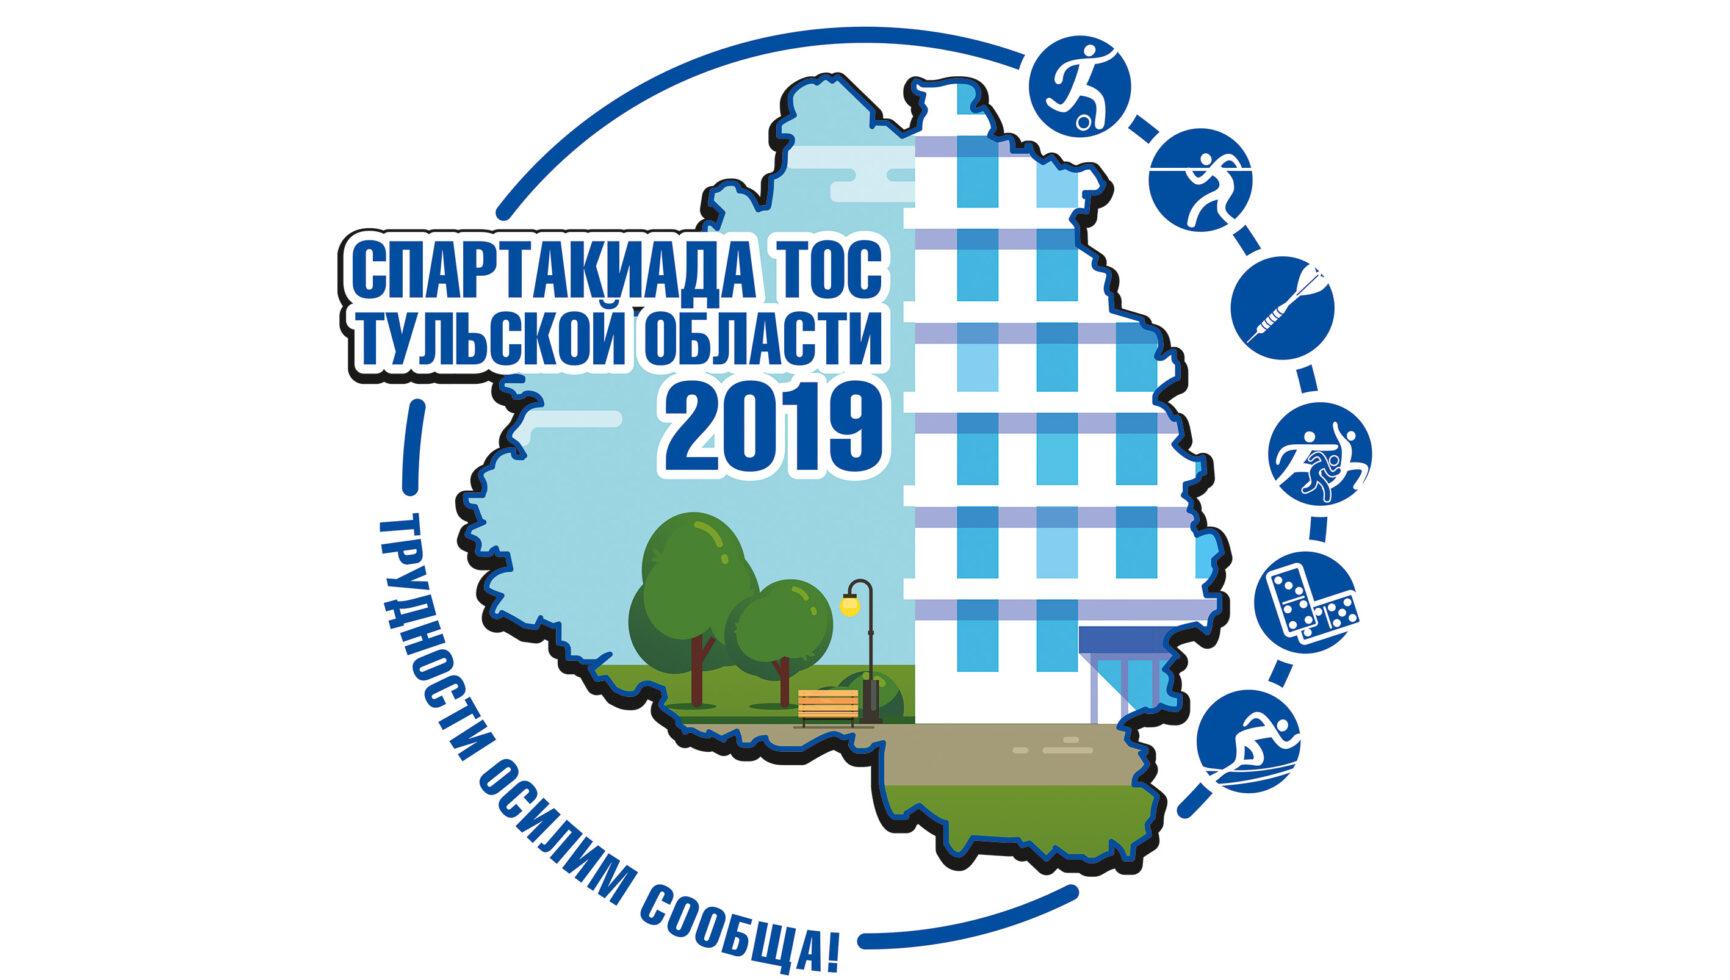 Ежегодная Спартакиада территориального общественного самоуправления Тульской области 2019 года